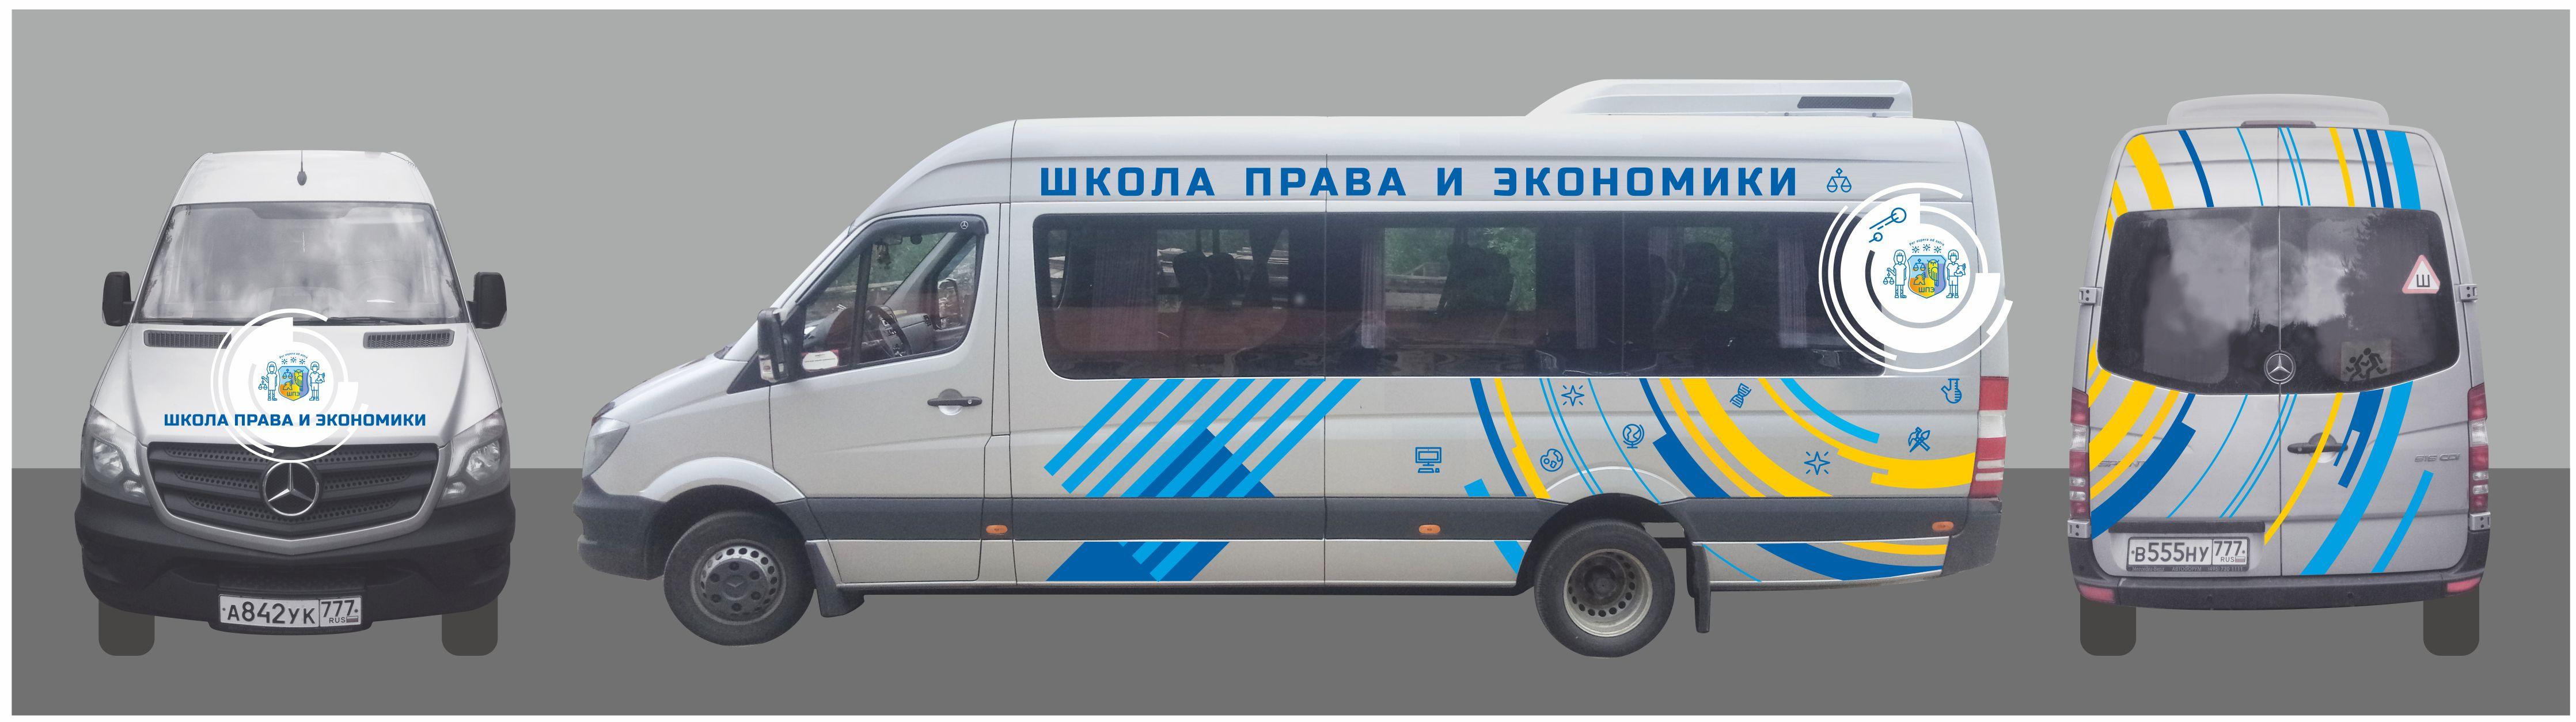 Дизайн оклейки школьного автобуса фото f_4365d0222f276ff9.jpg